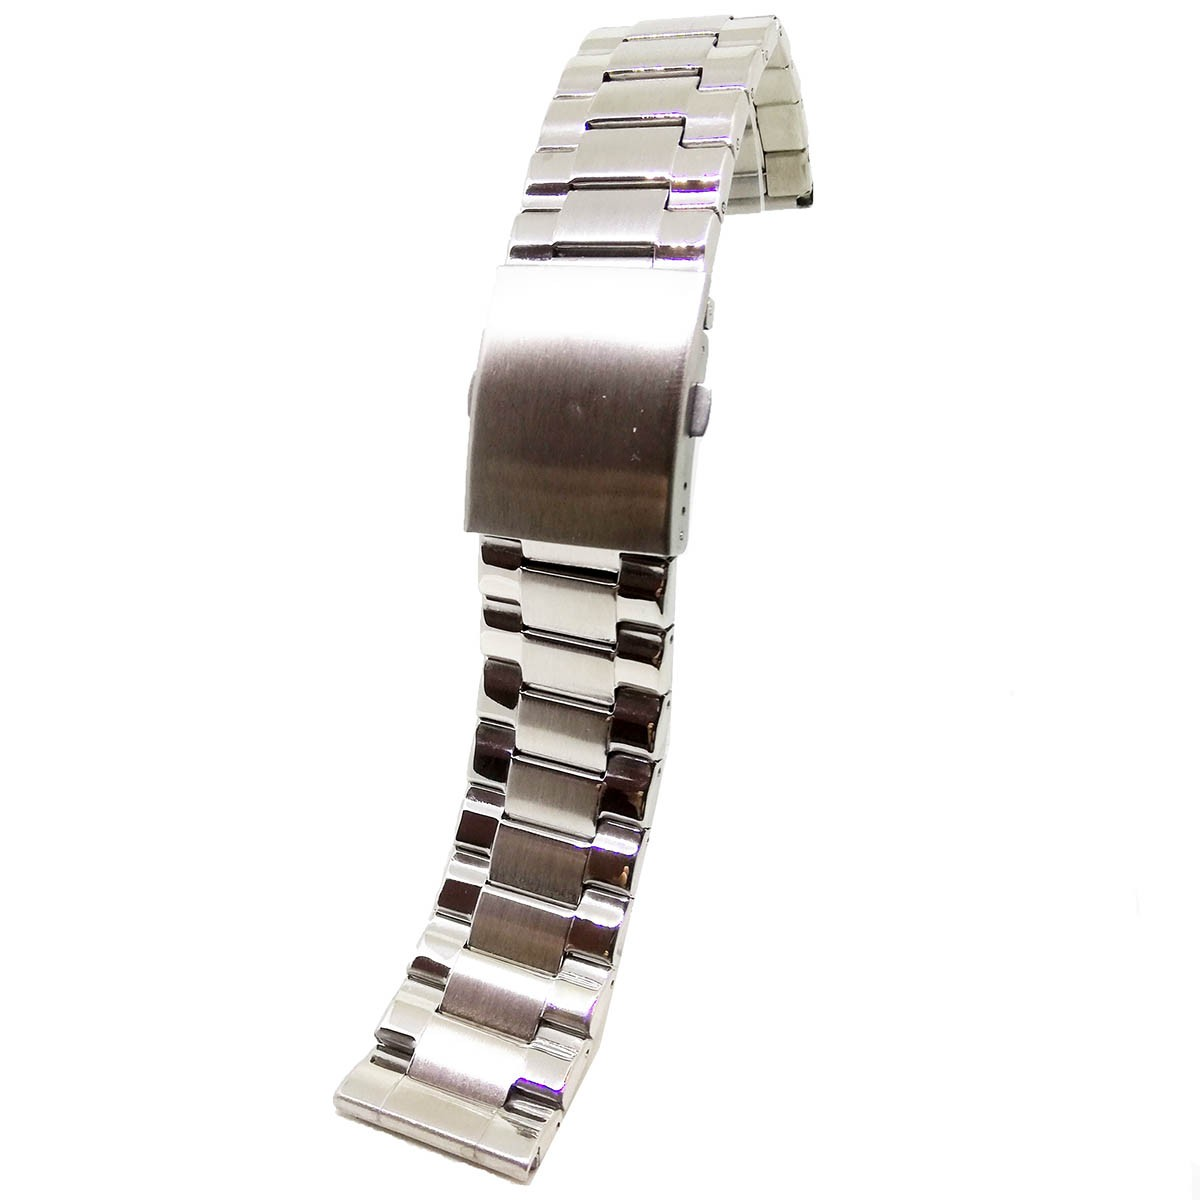 Bratara Ceas Din Otel Inoxidabil Argintie 22mm 24mmm 26mm Wz3244